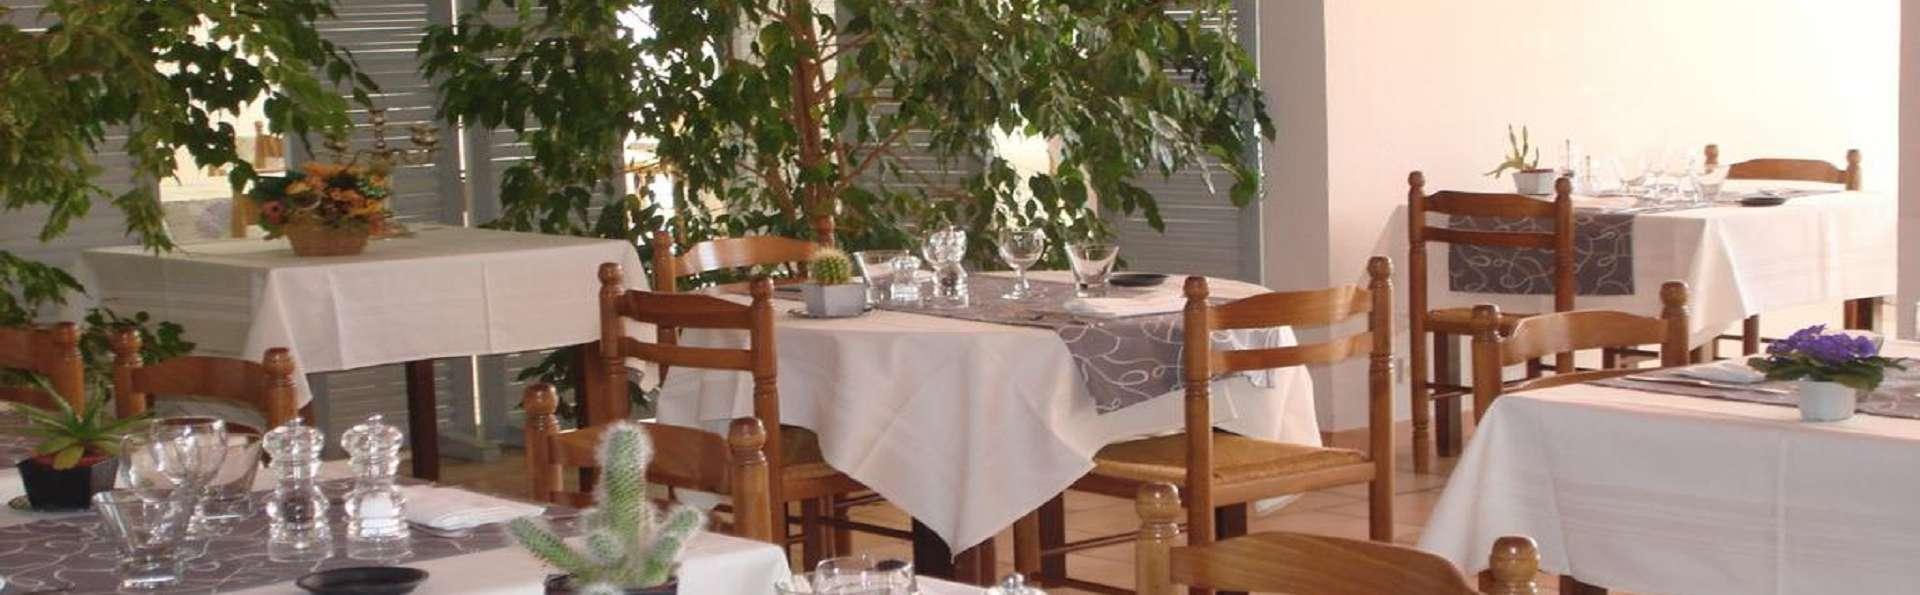 Hôtel Restaurant La Chêneraie - EDIT_Terrasse.jpg